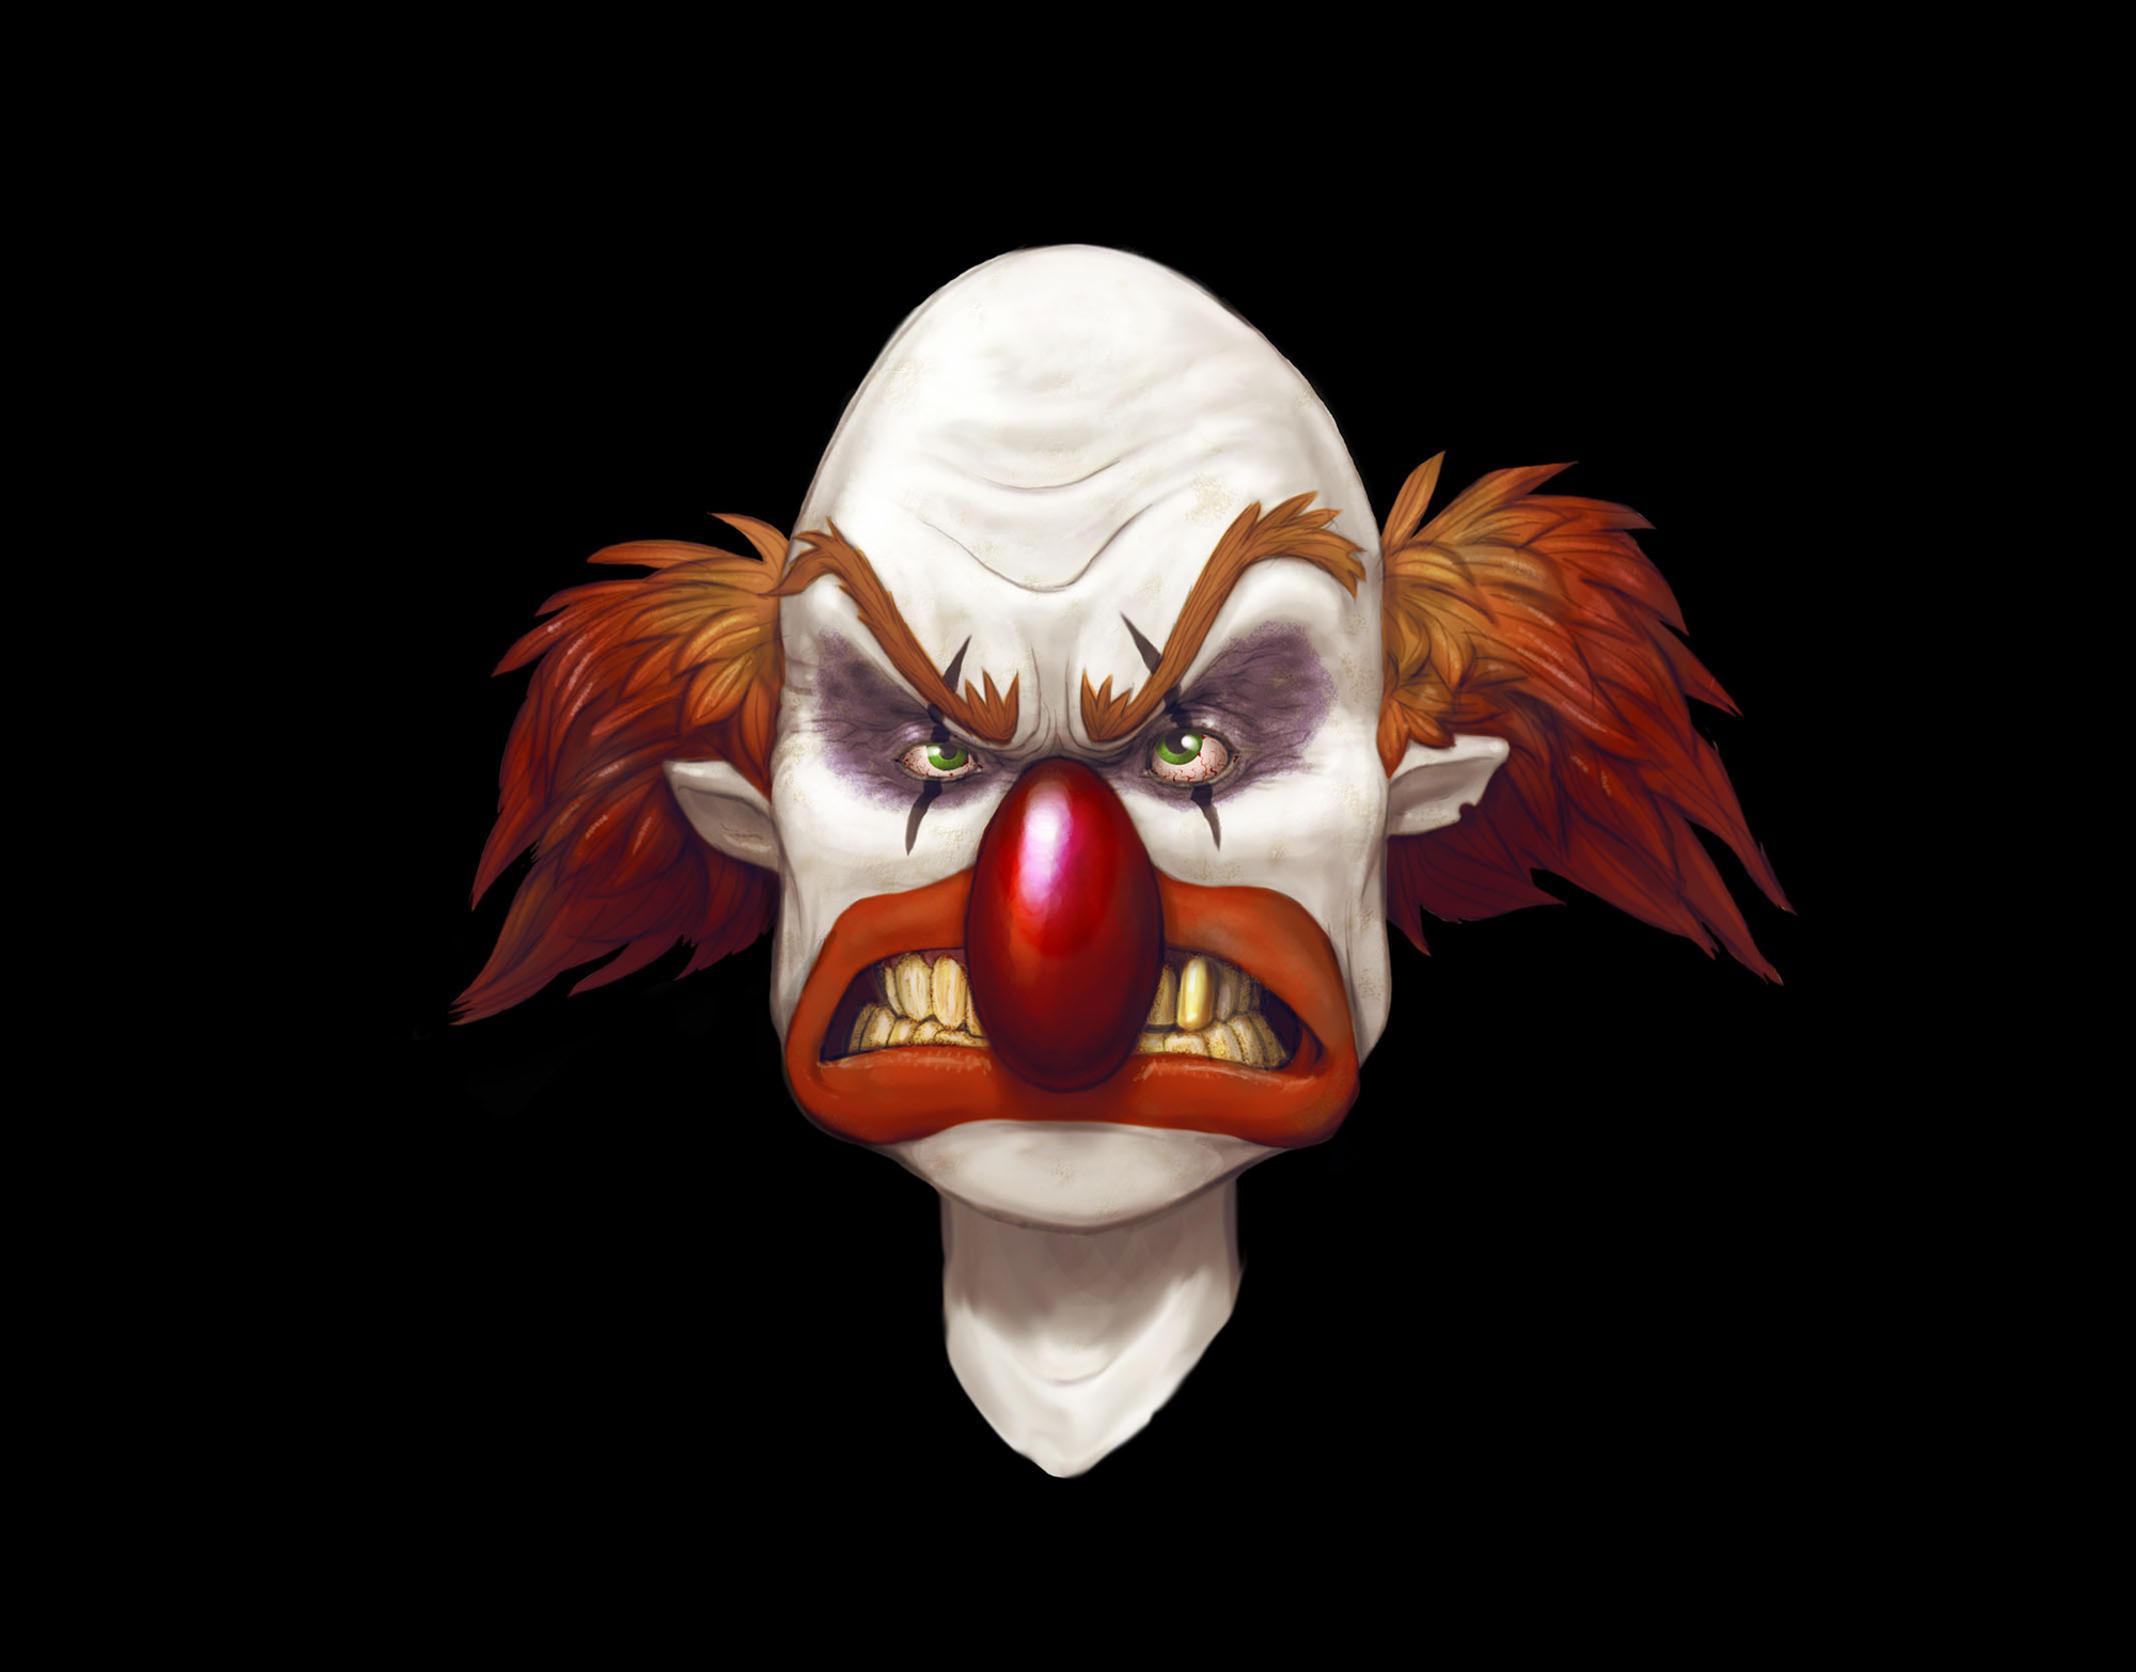 evil clown no 1 by dagamon on DeviantArt